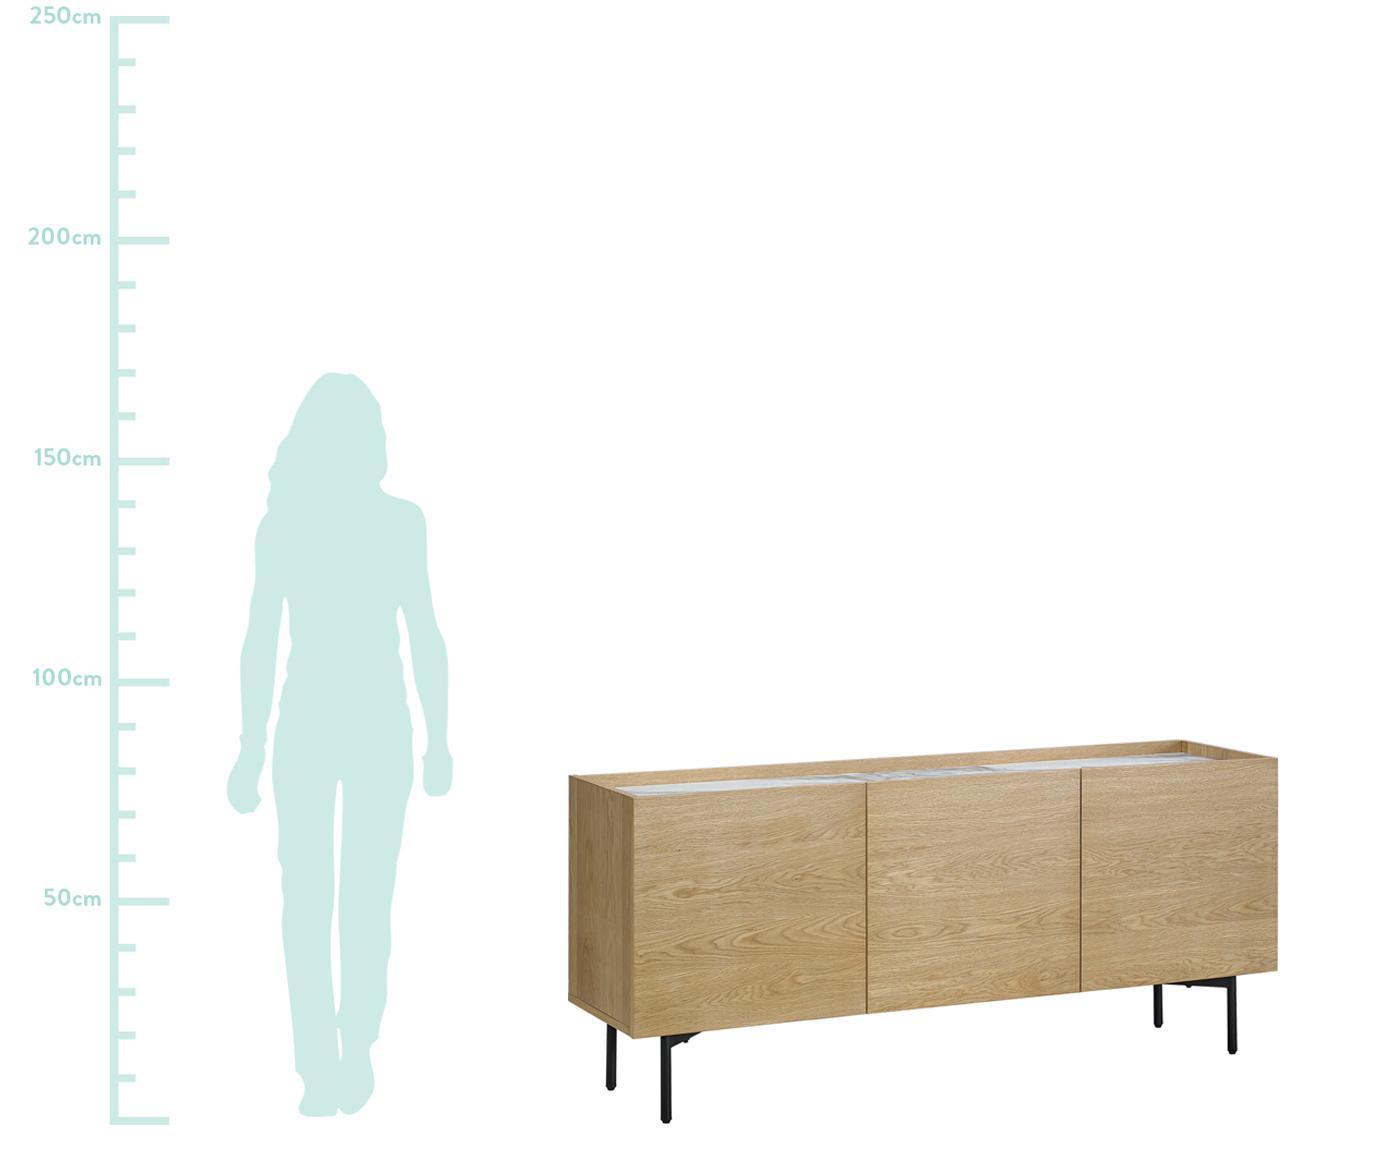 Credenza in legno con piano in marmo Carare, Piedini: metallo rivestito, Marrone, nero, bianco, marmorizzato, Larg. 160 x Alt. 70 cm